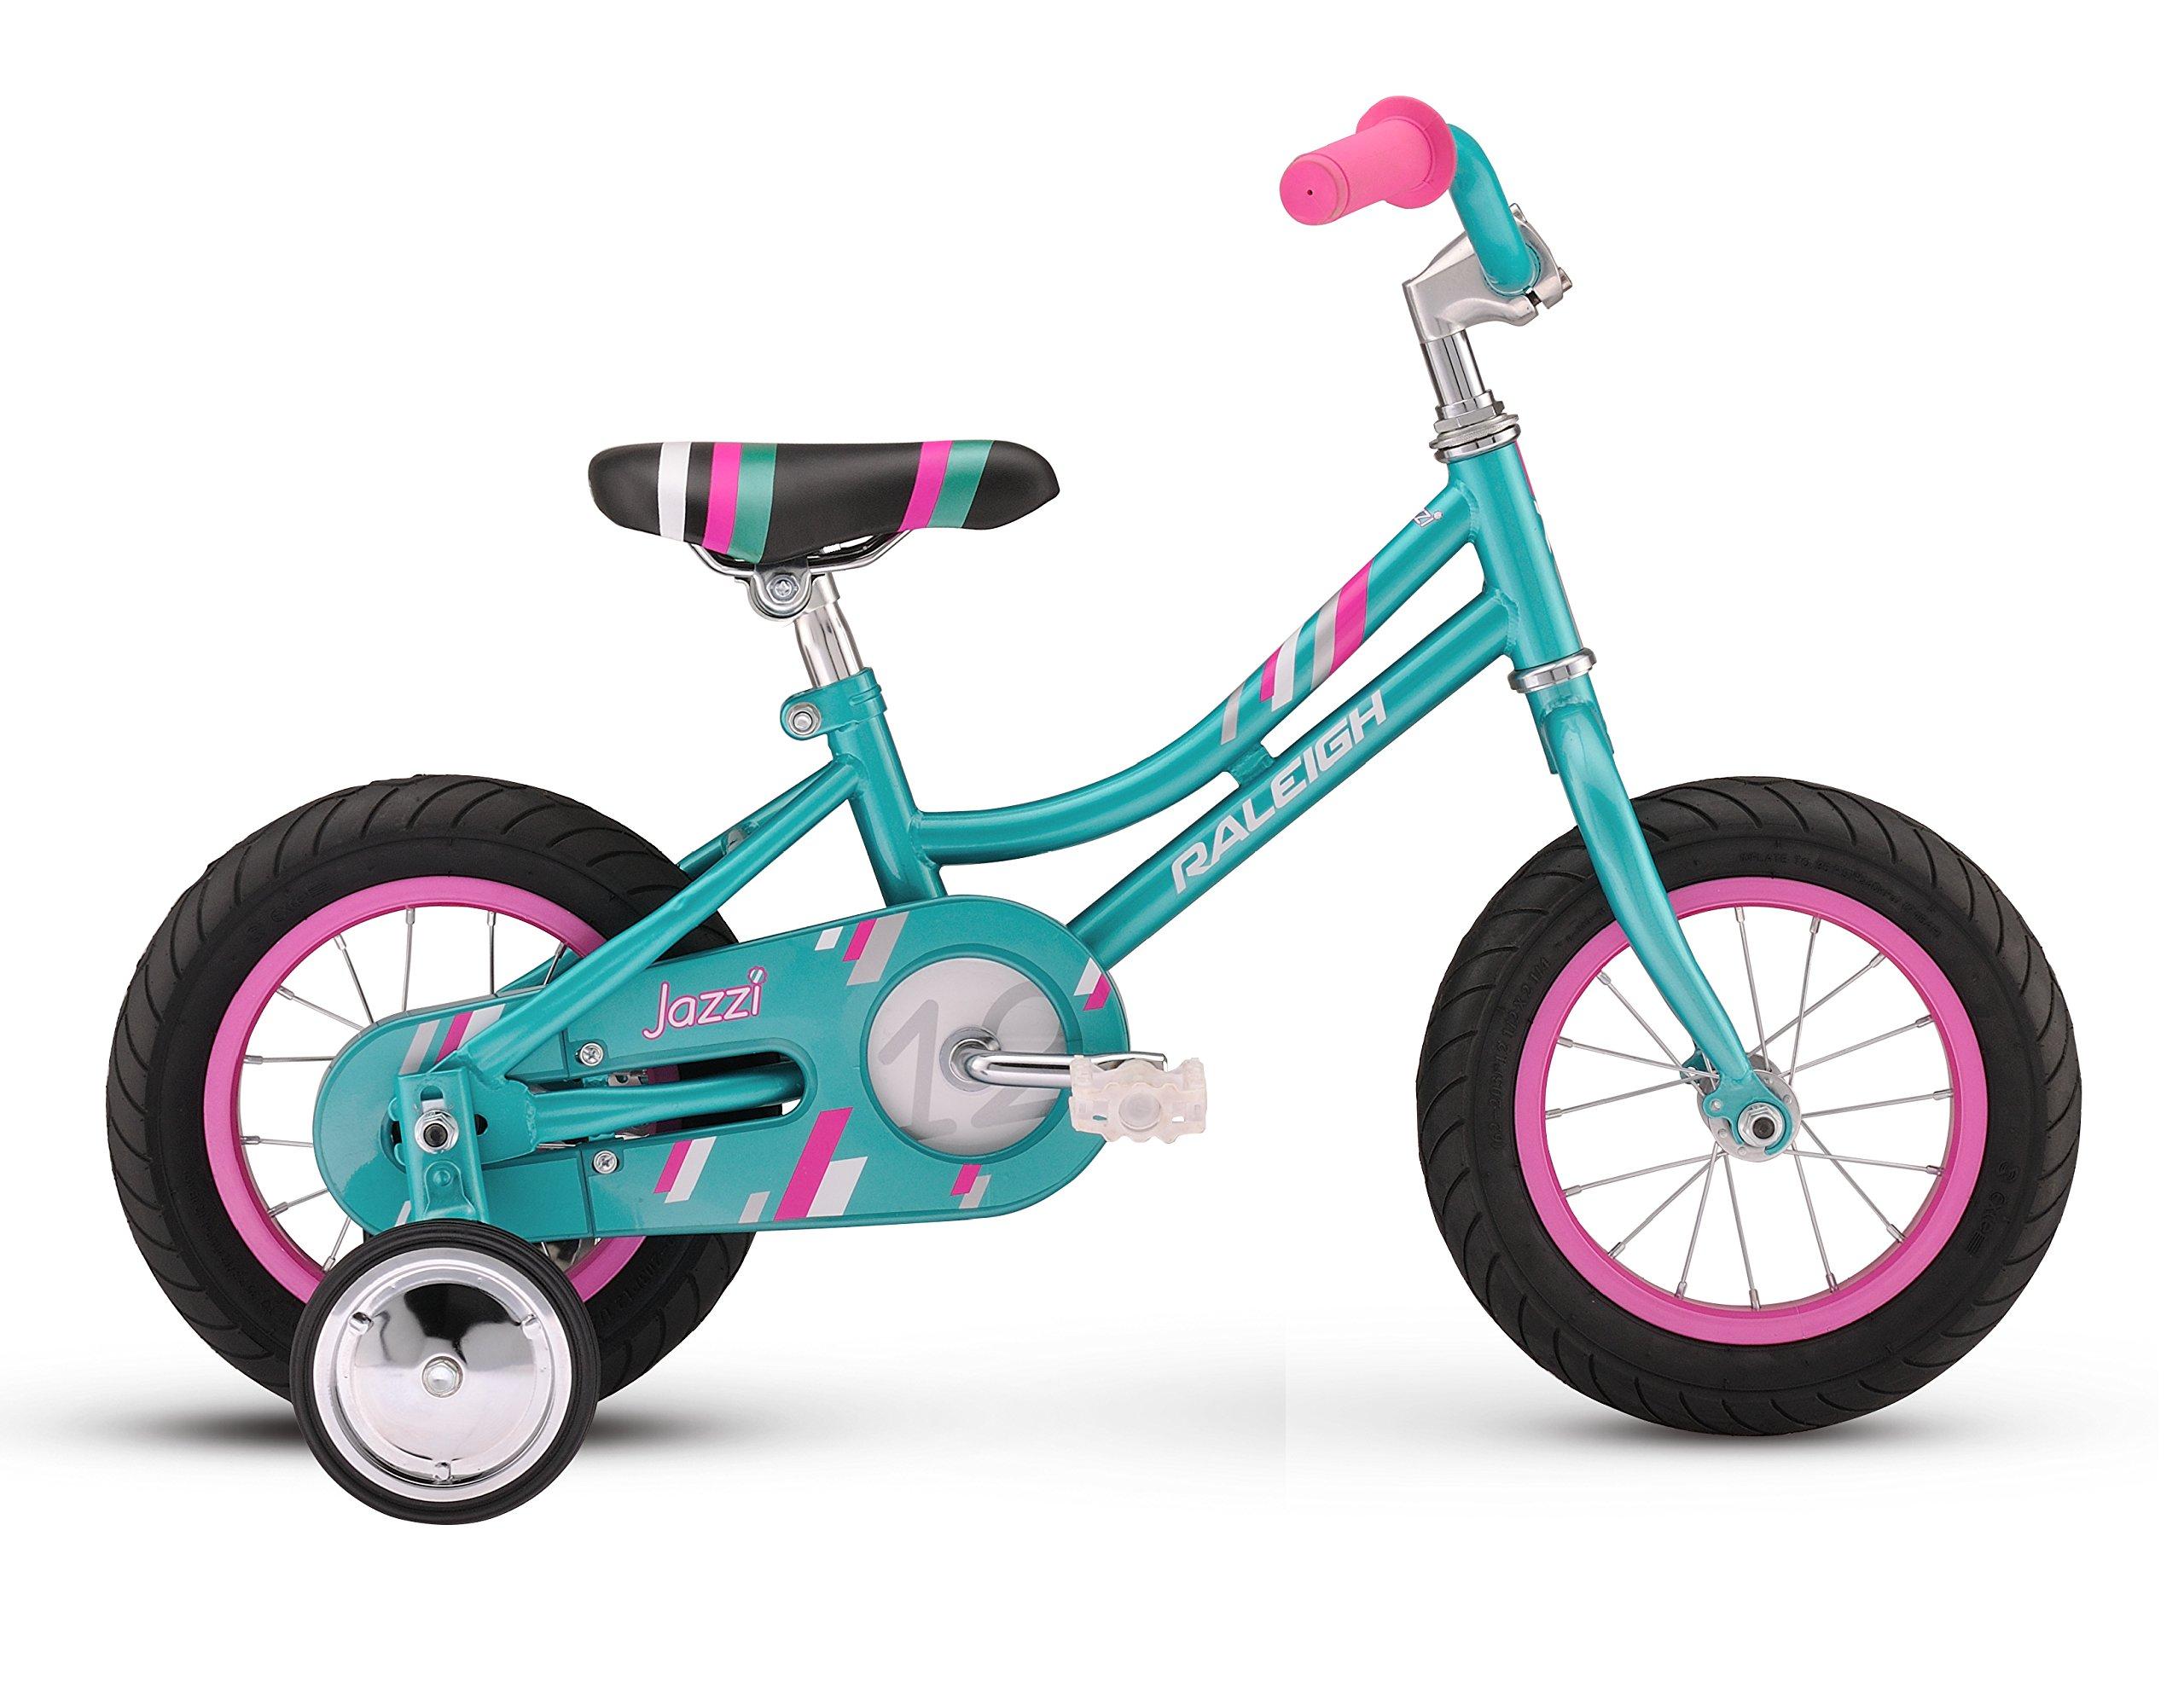 Raleigh Bikes Girls Jazzi 12 Bike, One Size, Teal